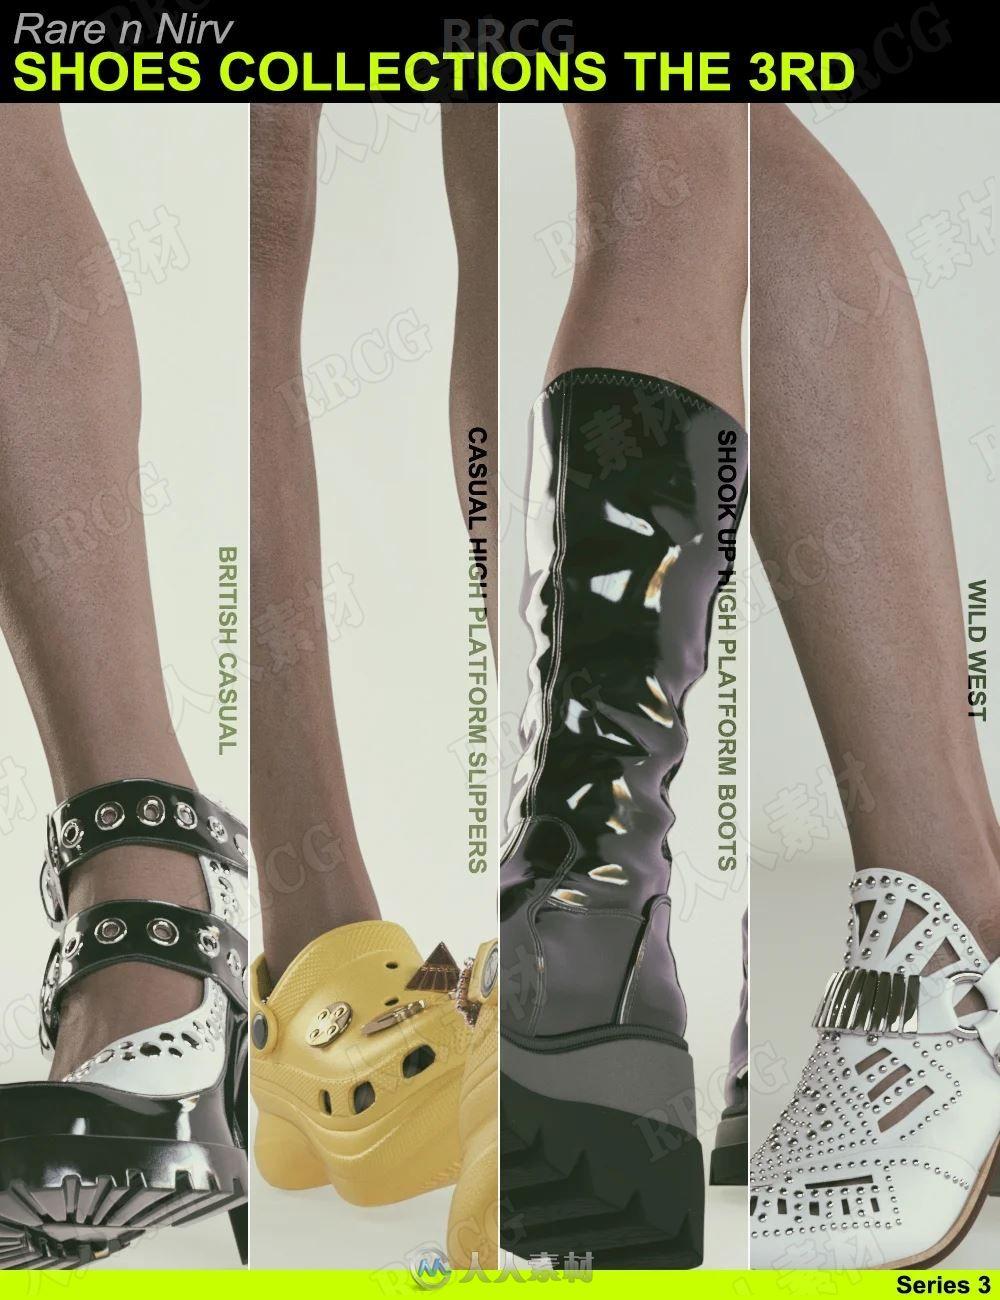 4对不同风格女性日常休闲鞋子3D模型合集